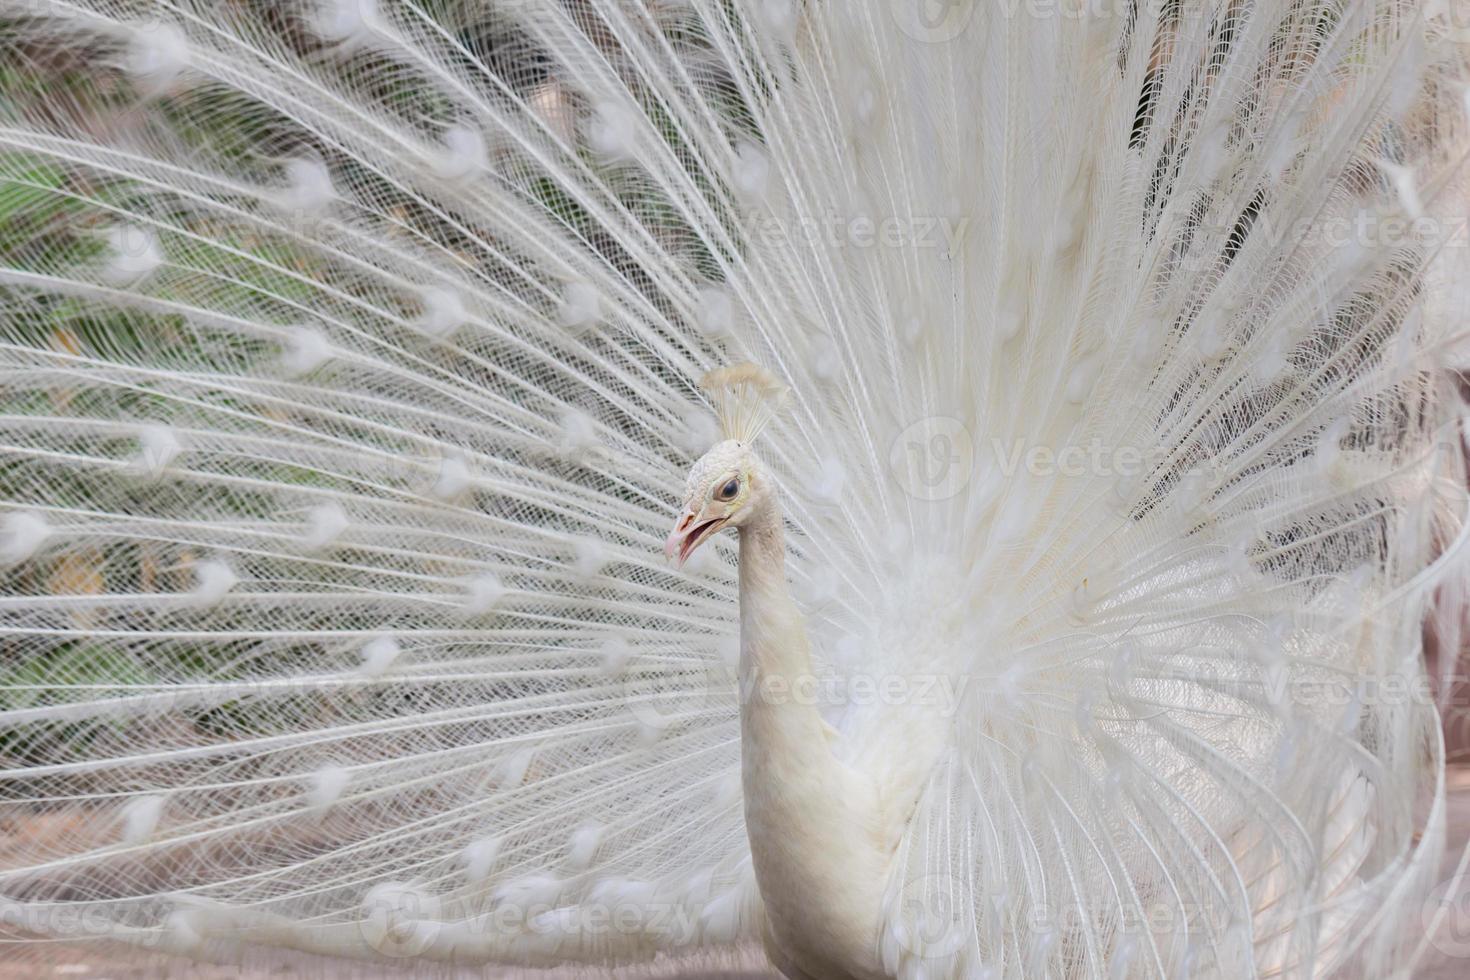 pavone bianco con piume mostra vista laterale foto